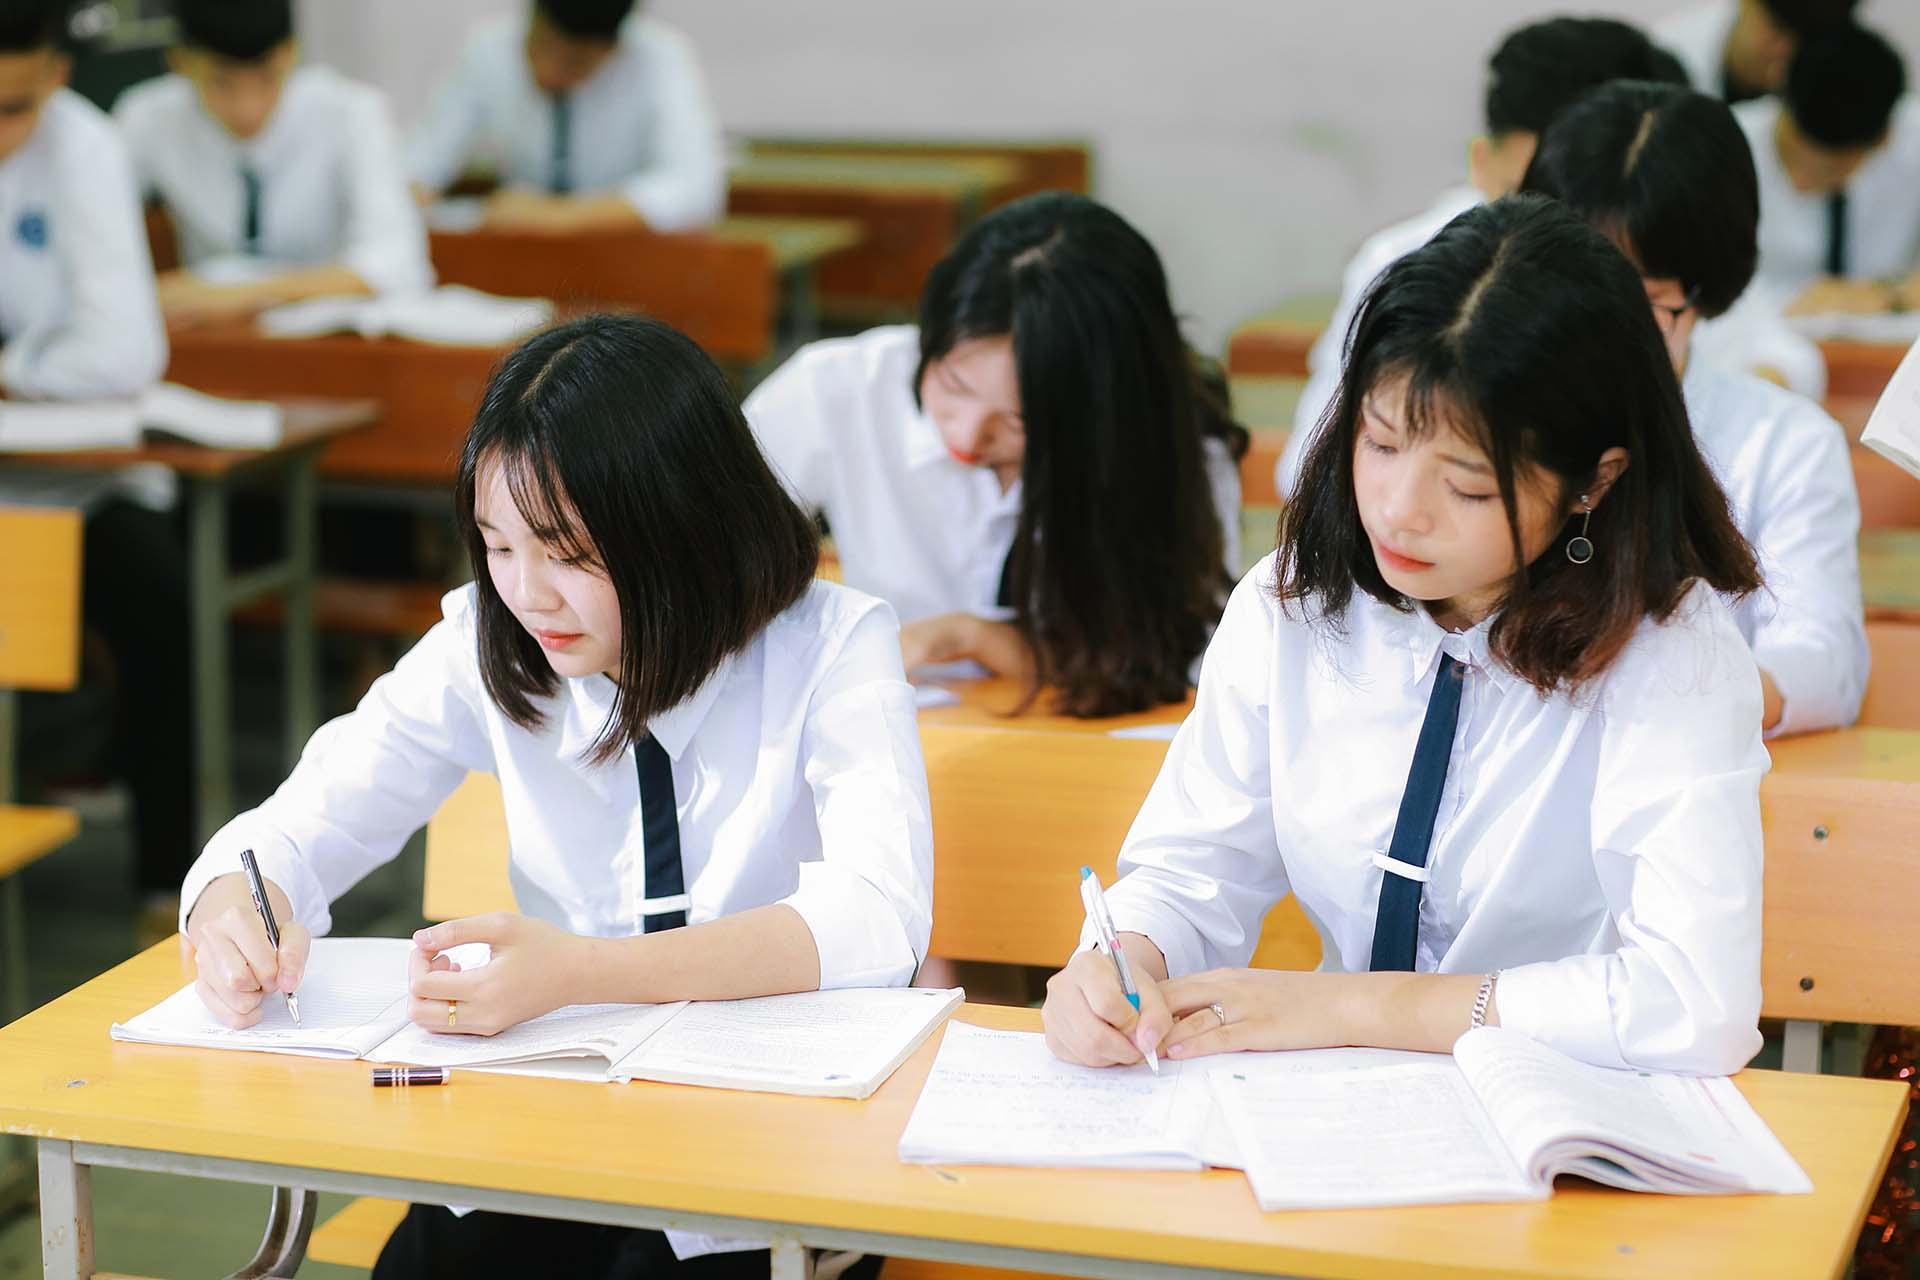 Làm sao để thi môn Văn tốt: Học hỏi nữ sinh trường Chuyên Phan Bội Châu ngay!